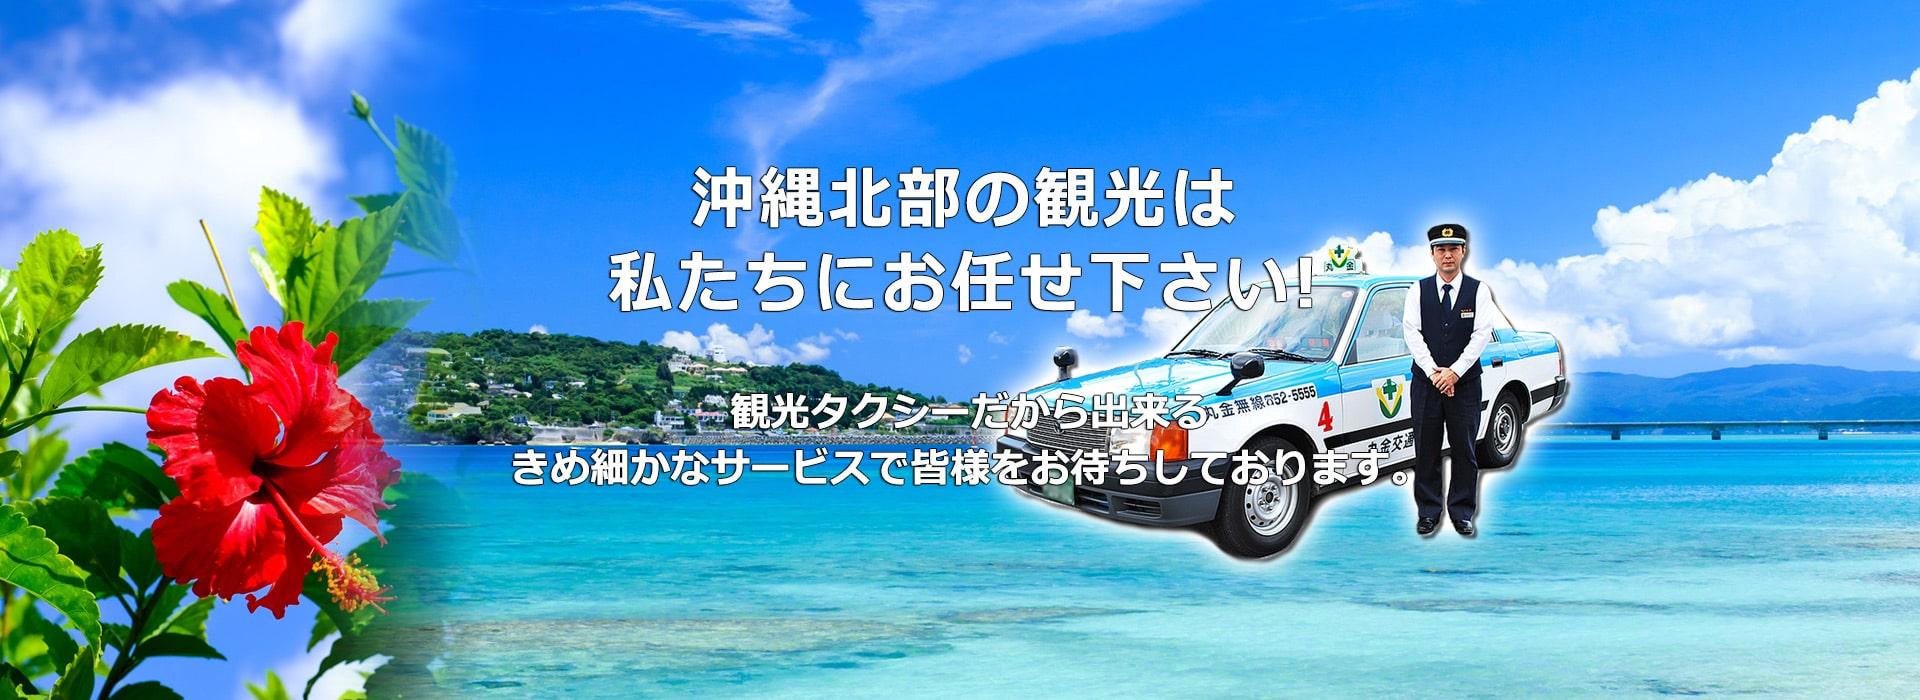 沖縄の北部観光に丸金交通観光タクシー